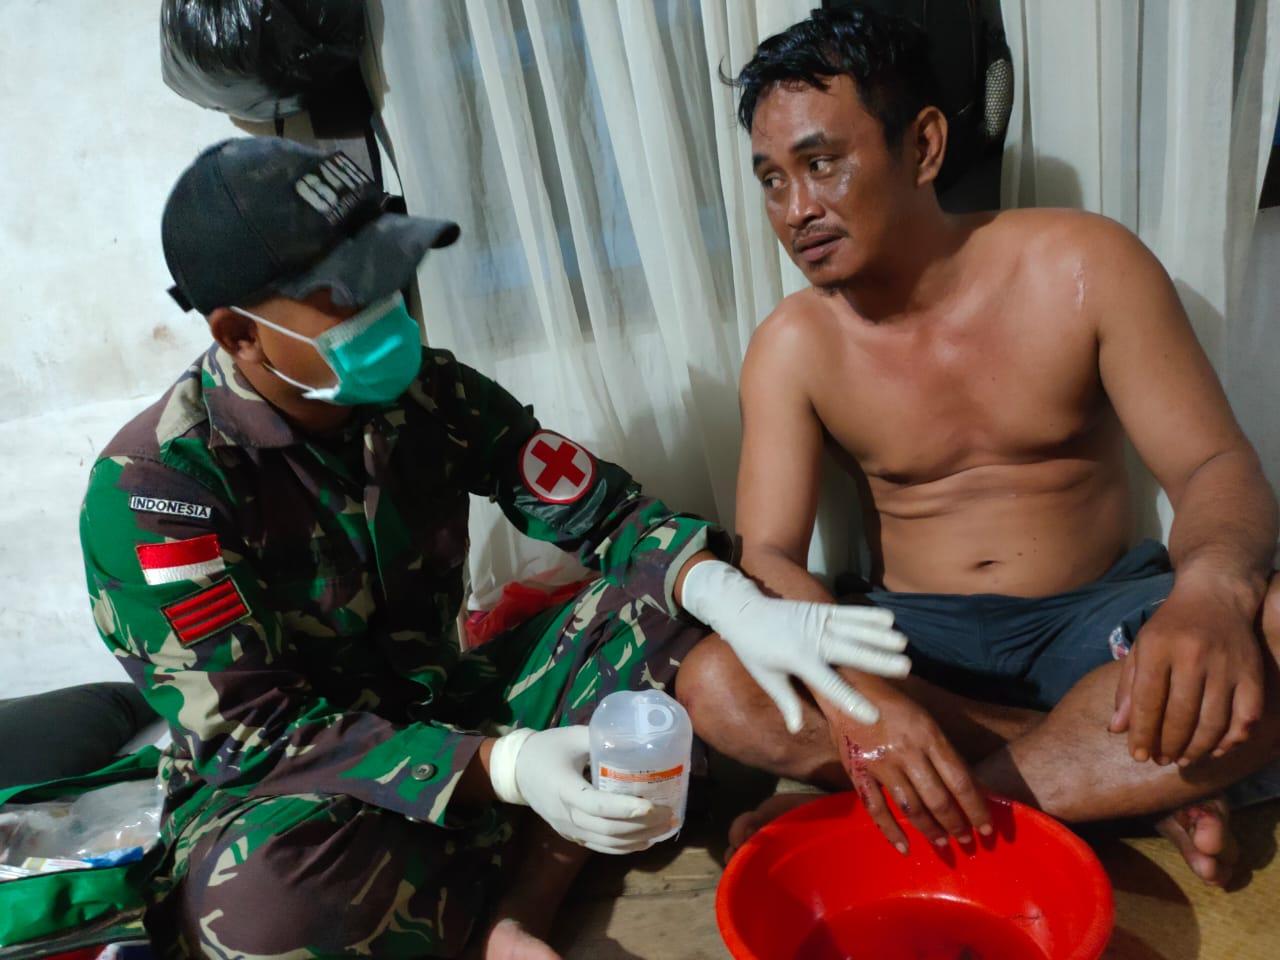 Jatuh dari Motor, Warga Dusun Sei Saparan diobati Personel Satgas Pamtas Yonif 642 Kapuas